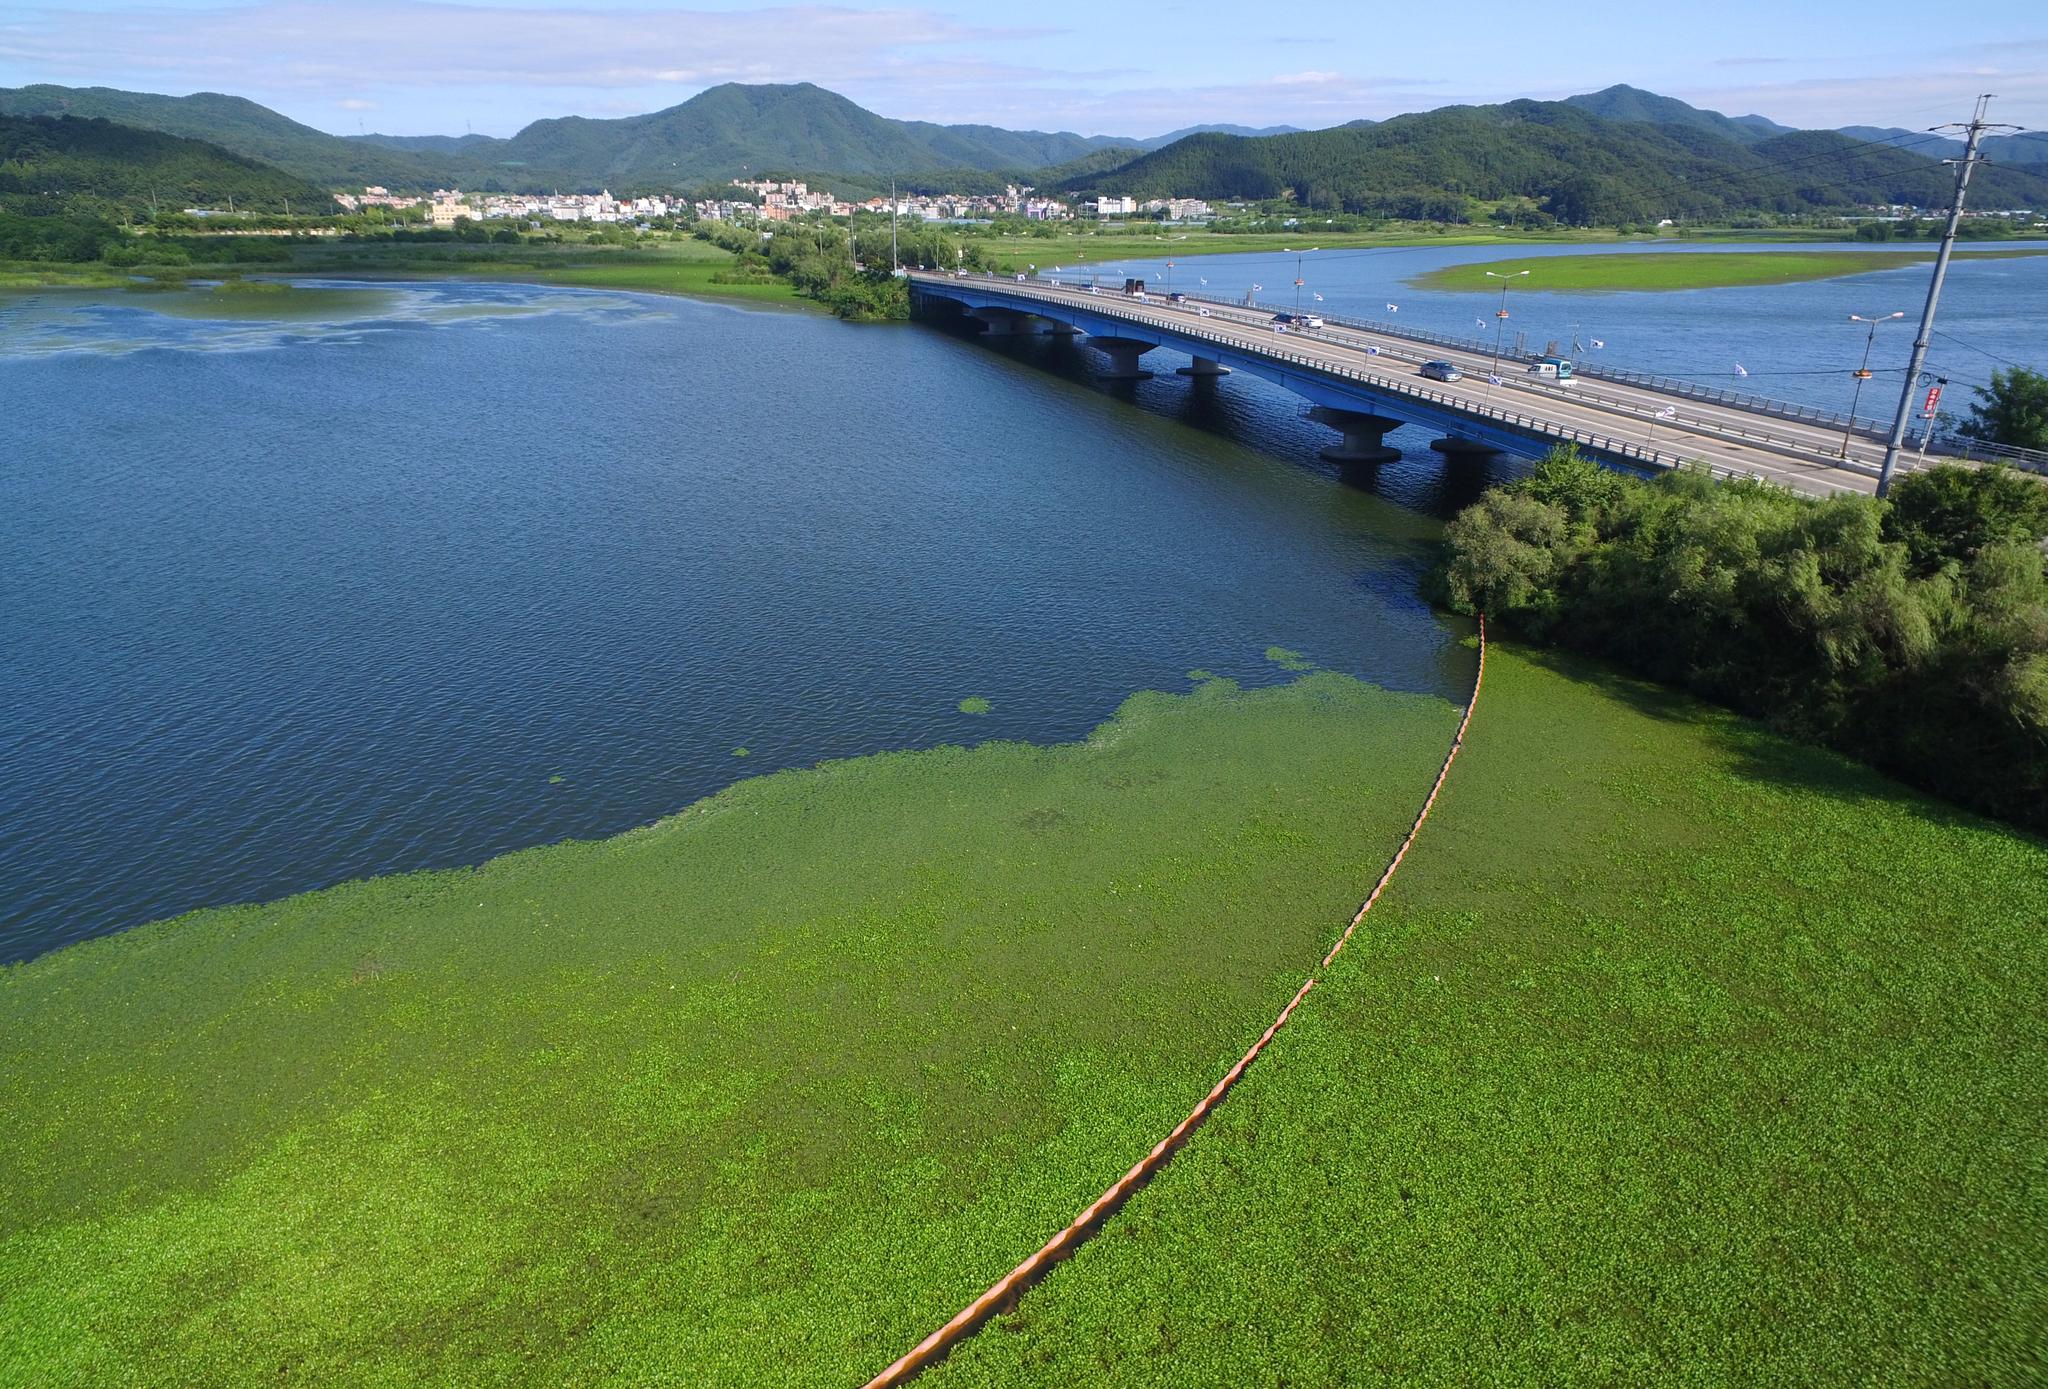 폭염이 극심했던 지난 8월 경기도 광주시 광동교 인근 팔당호가 녹조로 덮혀 있다. [뉴스1]